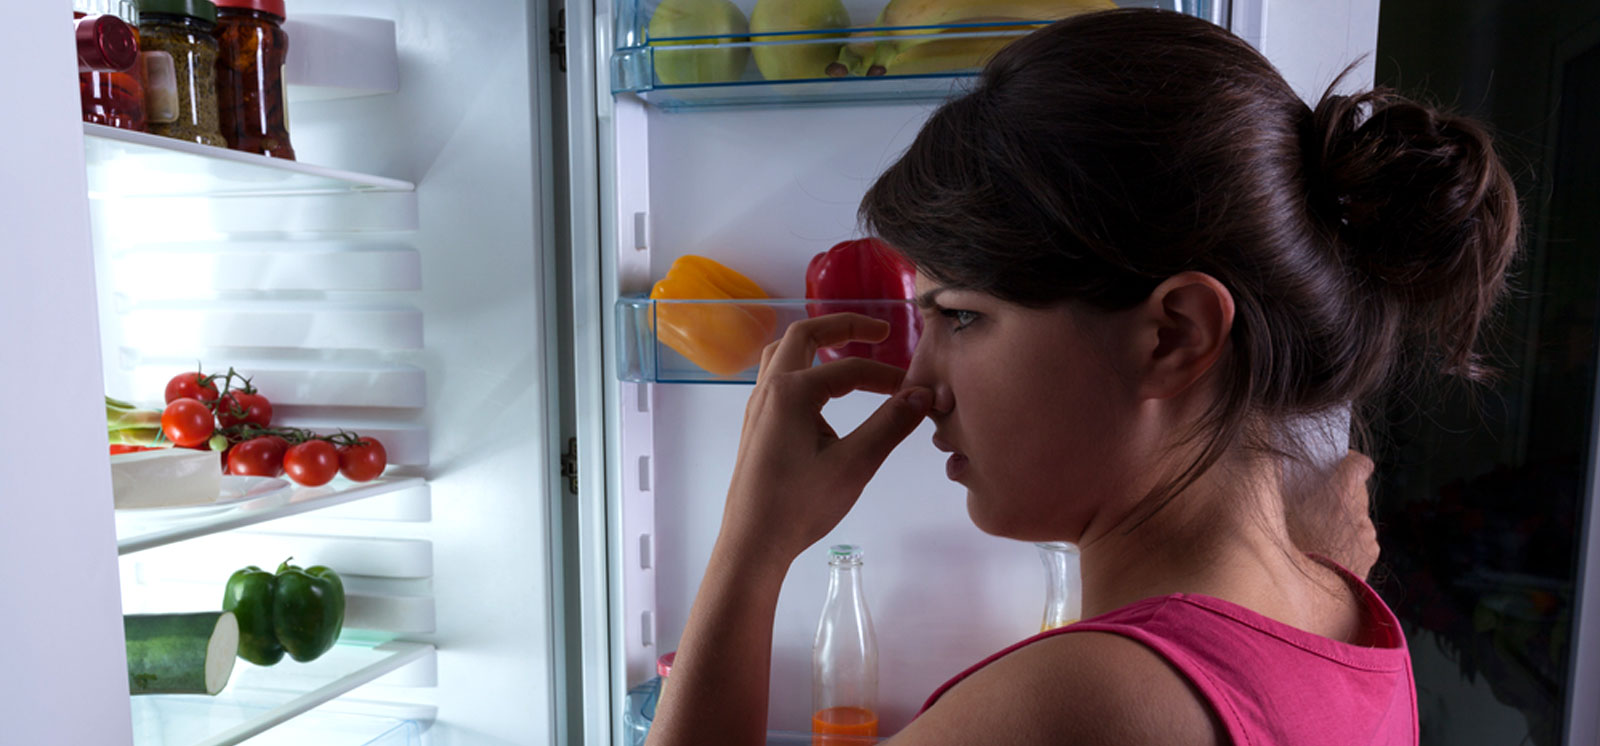 bad smell fridge